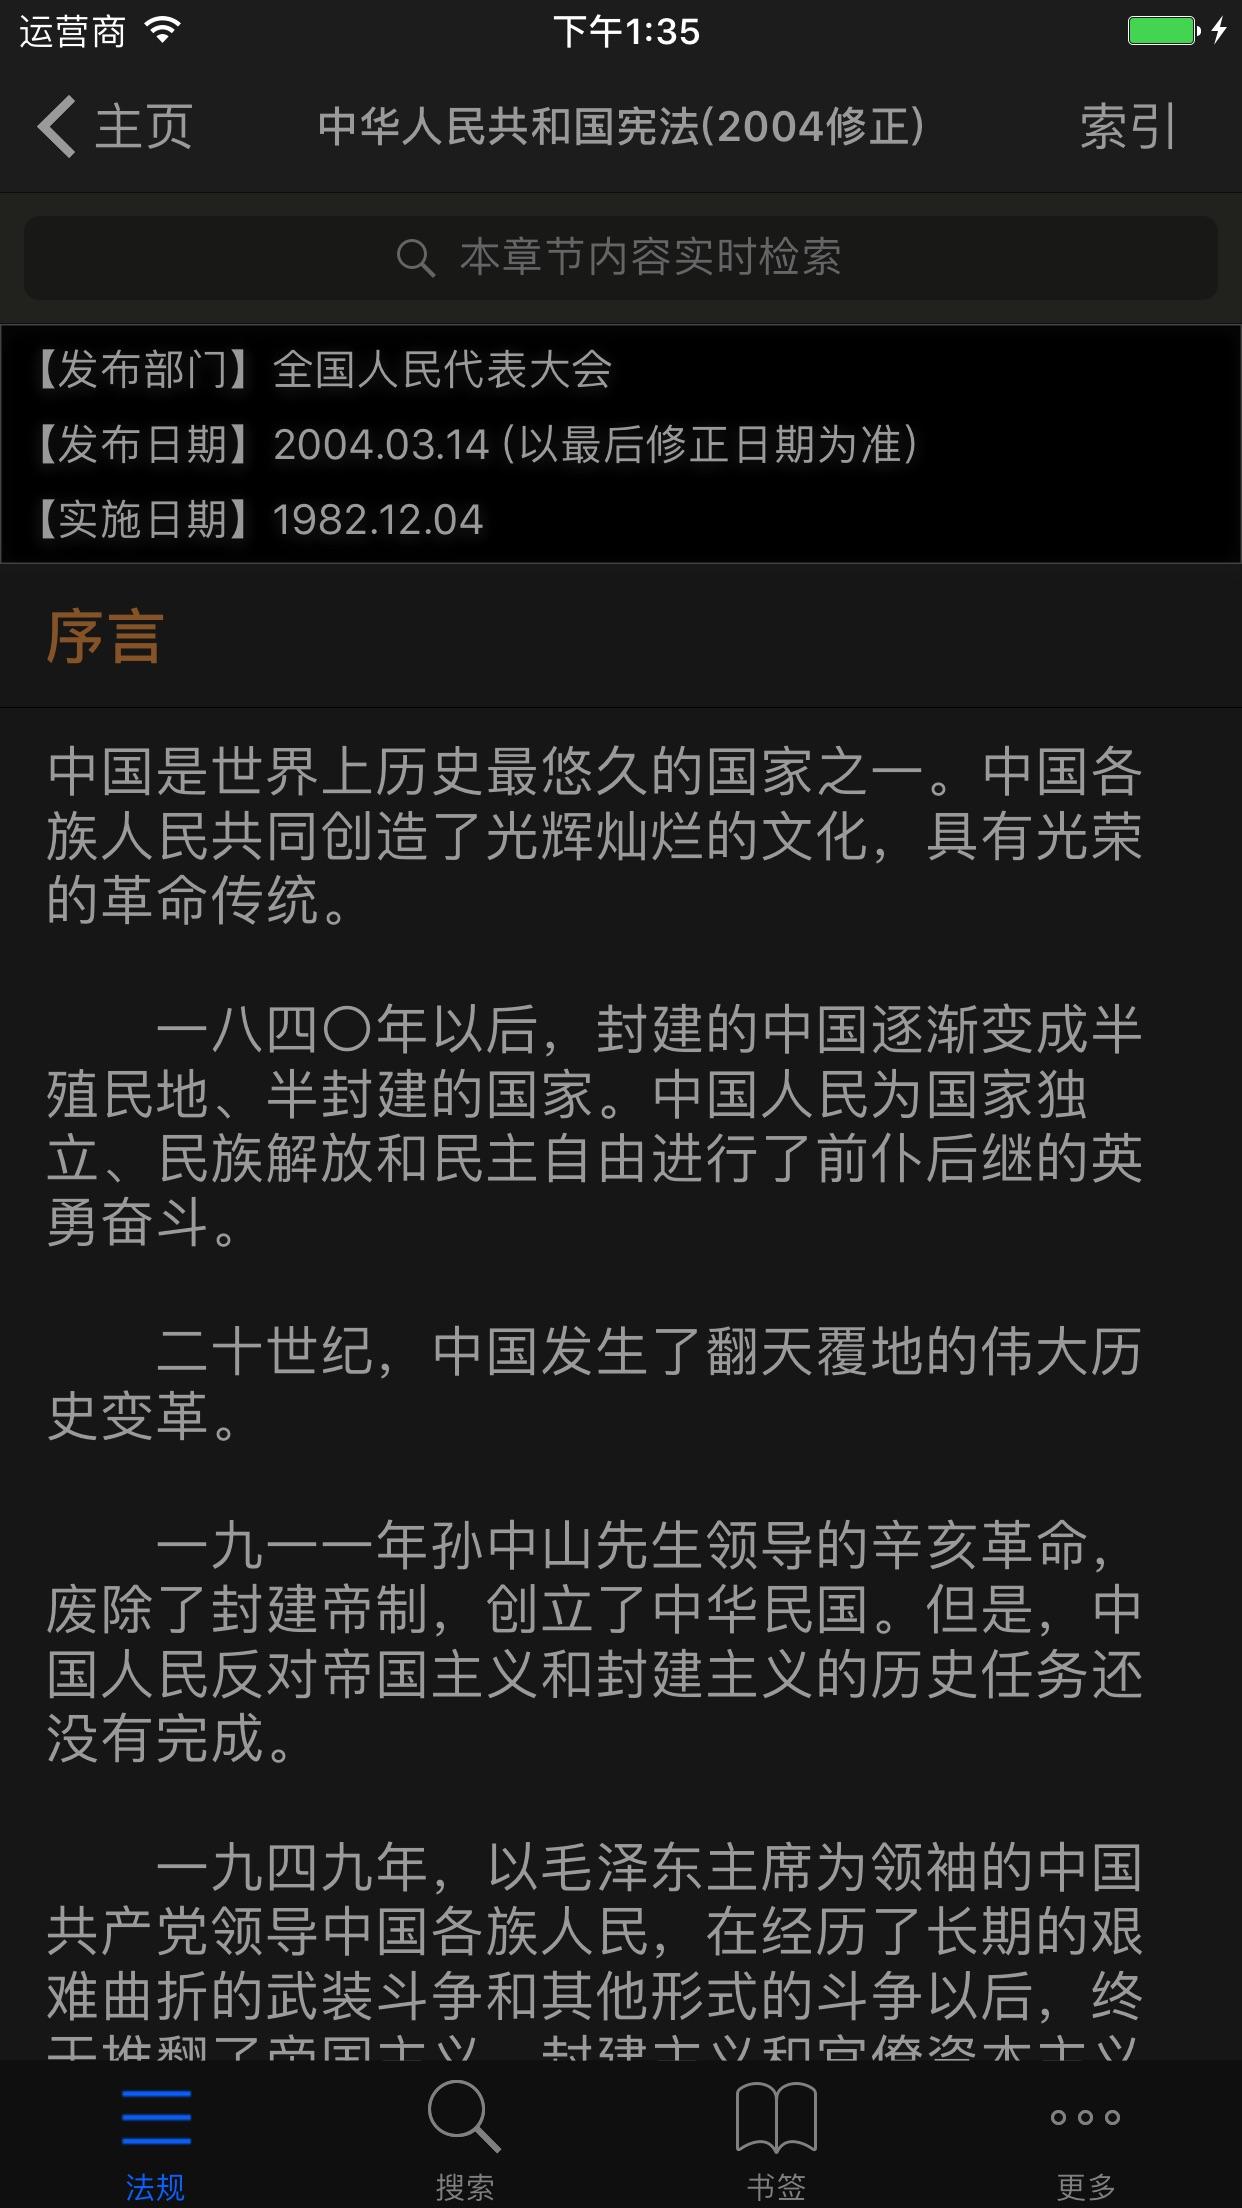 中国法律汇编 - 法律法规/司法解释 Screenshot